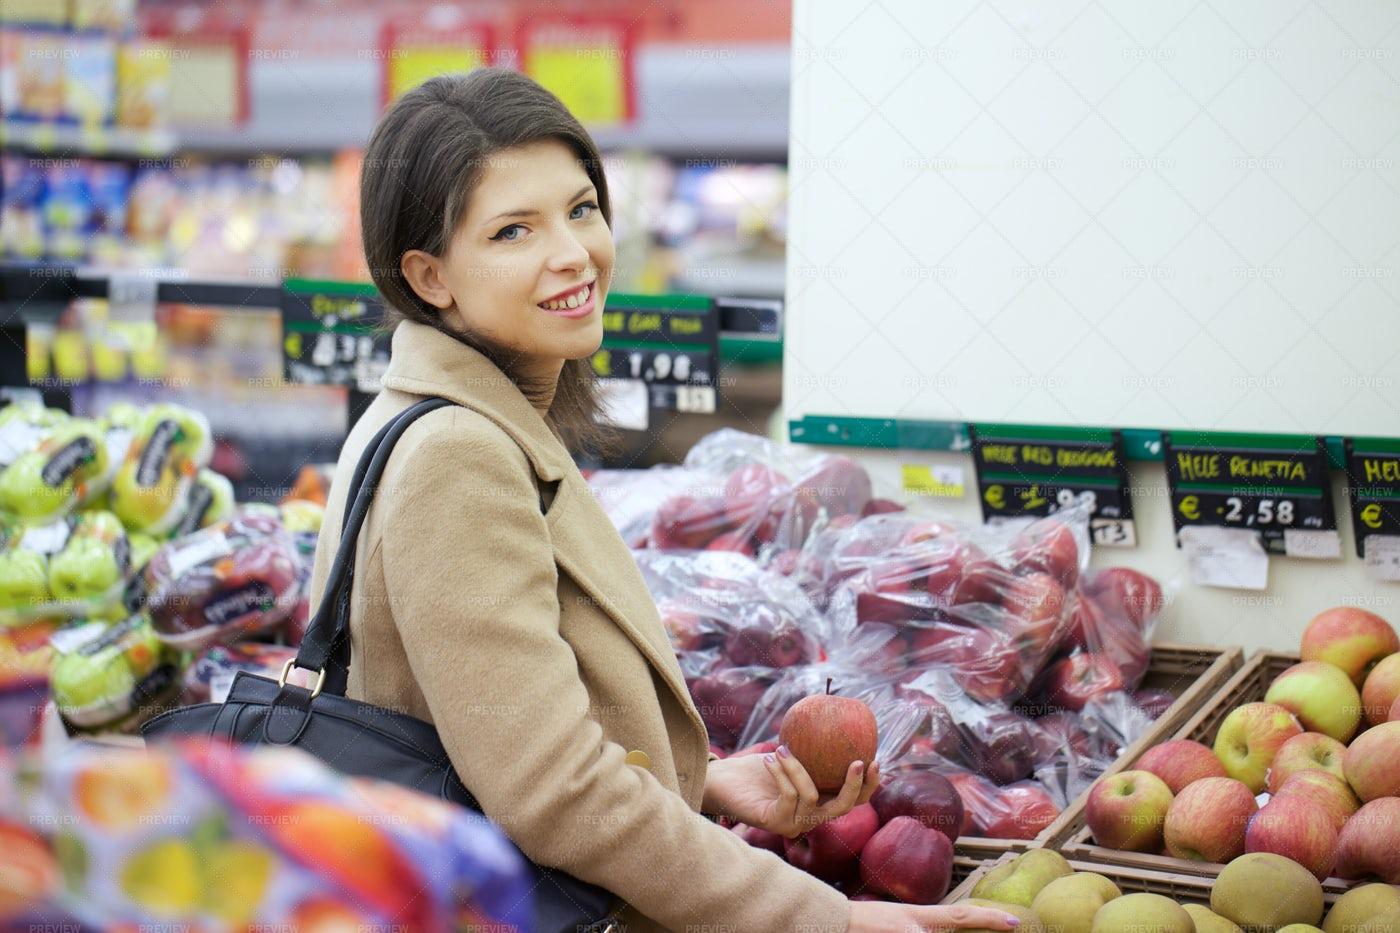 Buying Supermarket Fruit: Stock Photos